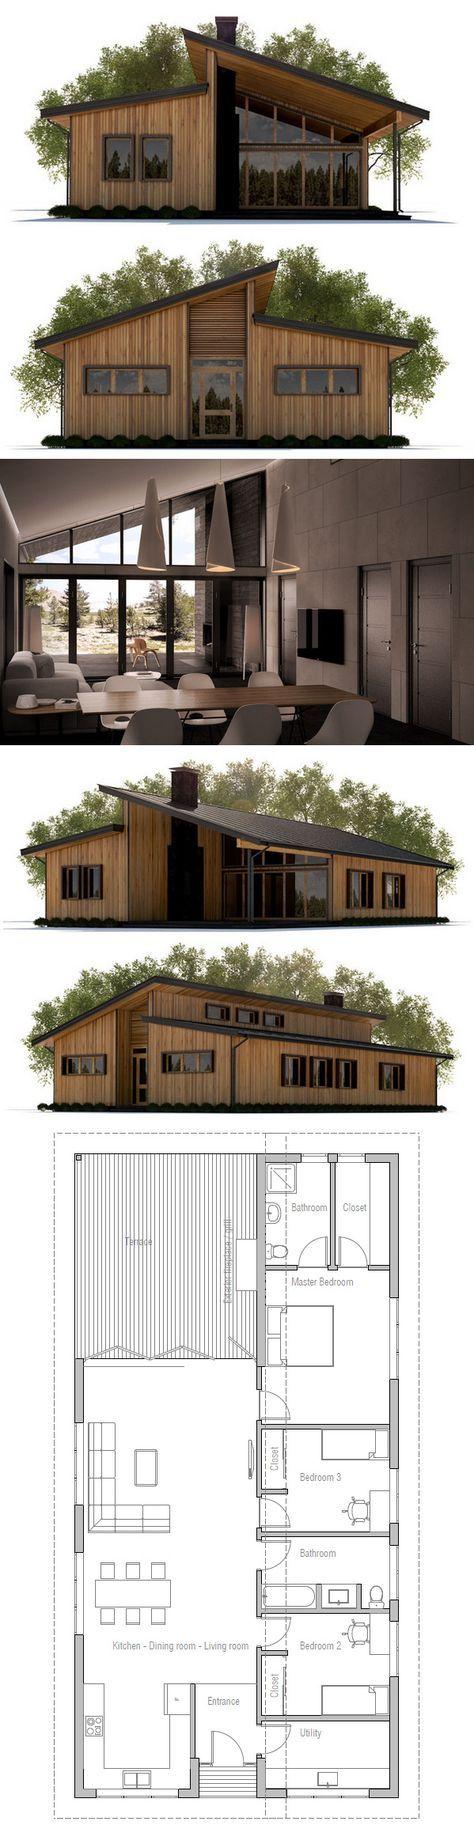 Hausplan top kleines haus grundrisse holzhaus hausplan alt haus modernes haus pläne moderne häuser kleines haus pläne kleines haus